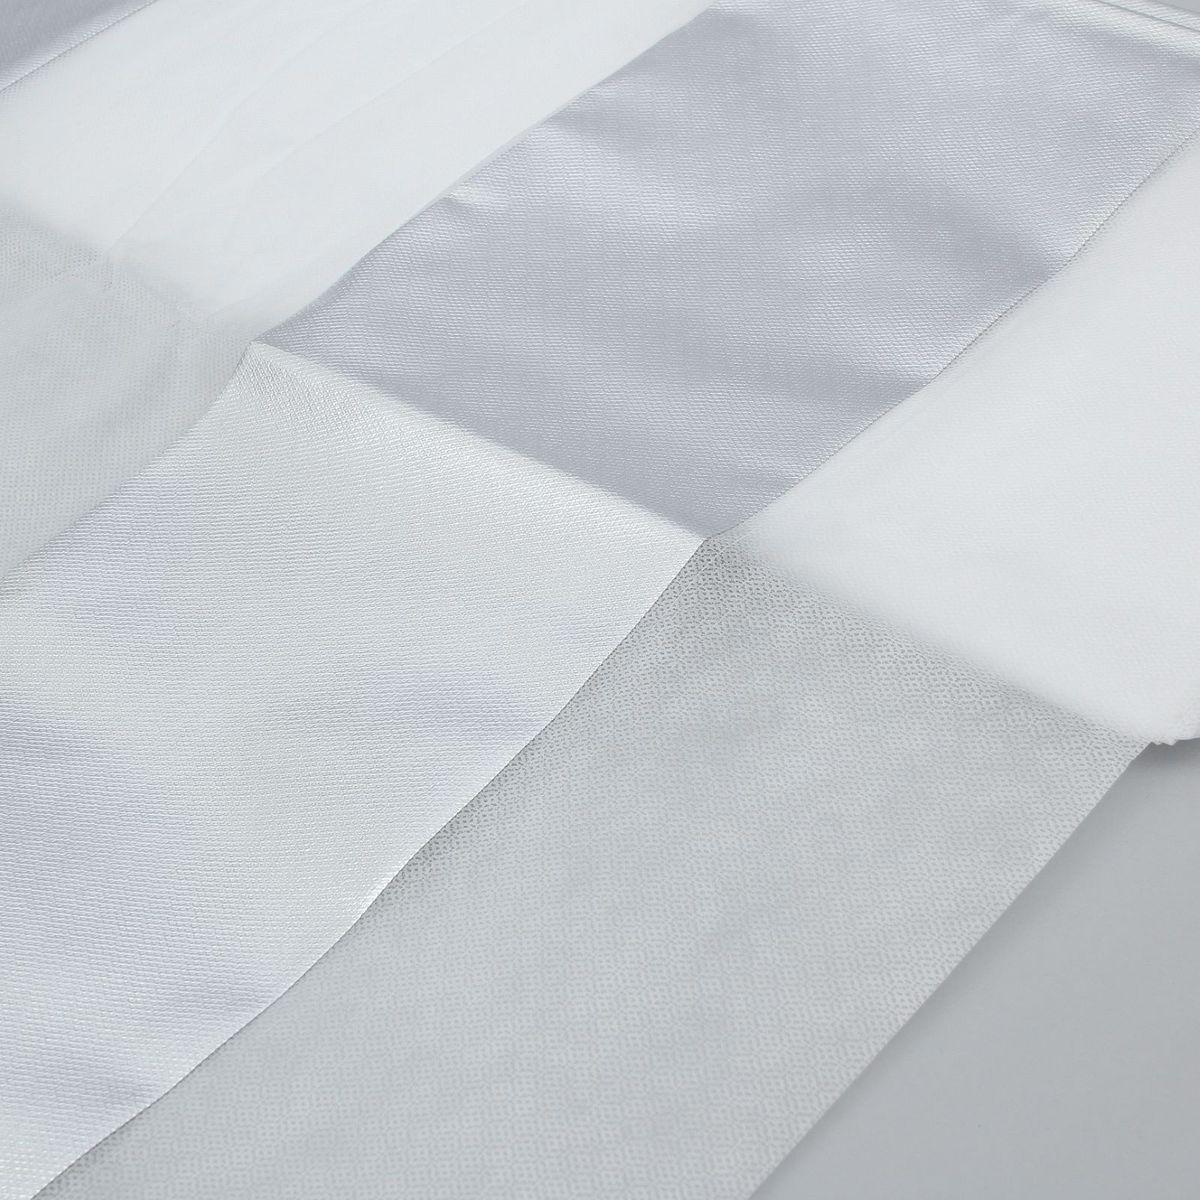 Материал укрывной Агротекс Двойное тепло, фольгированный, цвет: серебристый, белый, 5 х 1,6 м1309247Укрывной материал «Двойное тепло» — лучший выбор для выращивания рассады! Предлагаем вам убедиться в этом самим: гарантия ранней и крепкой рассады экономия средств на поливе, дополнительном освещении, гербицидах защита посадок от заморозков дополнительный свет для растений комфортный микроклимат под укрытием отсутствие необходимости прополки. Как работает «Двойное тепло»? Через нетканый материал проходит свет: часть его попадает на растение, а часть — на фольгированную мульчу. Затем снова отражается и попадает на фольгированную полосу на укрывном материале. В результате растение получает максимум света, так необходимого для дальнейшего развития. Укрывной материал «Двойное тепло» идеален для рассады огурцов, томатов, перцев, баклажанов и зелени. «Агротекс» заботится о вашем урожае, а мы заботимся о низкой цене и большом выборе.